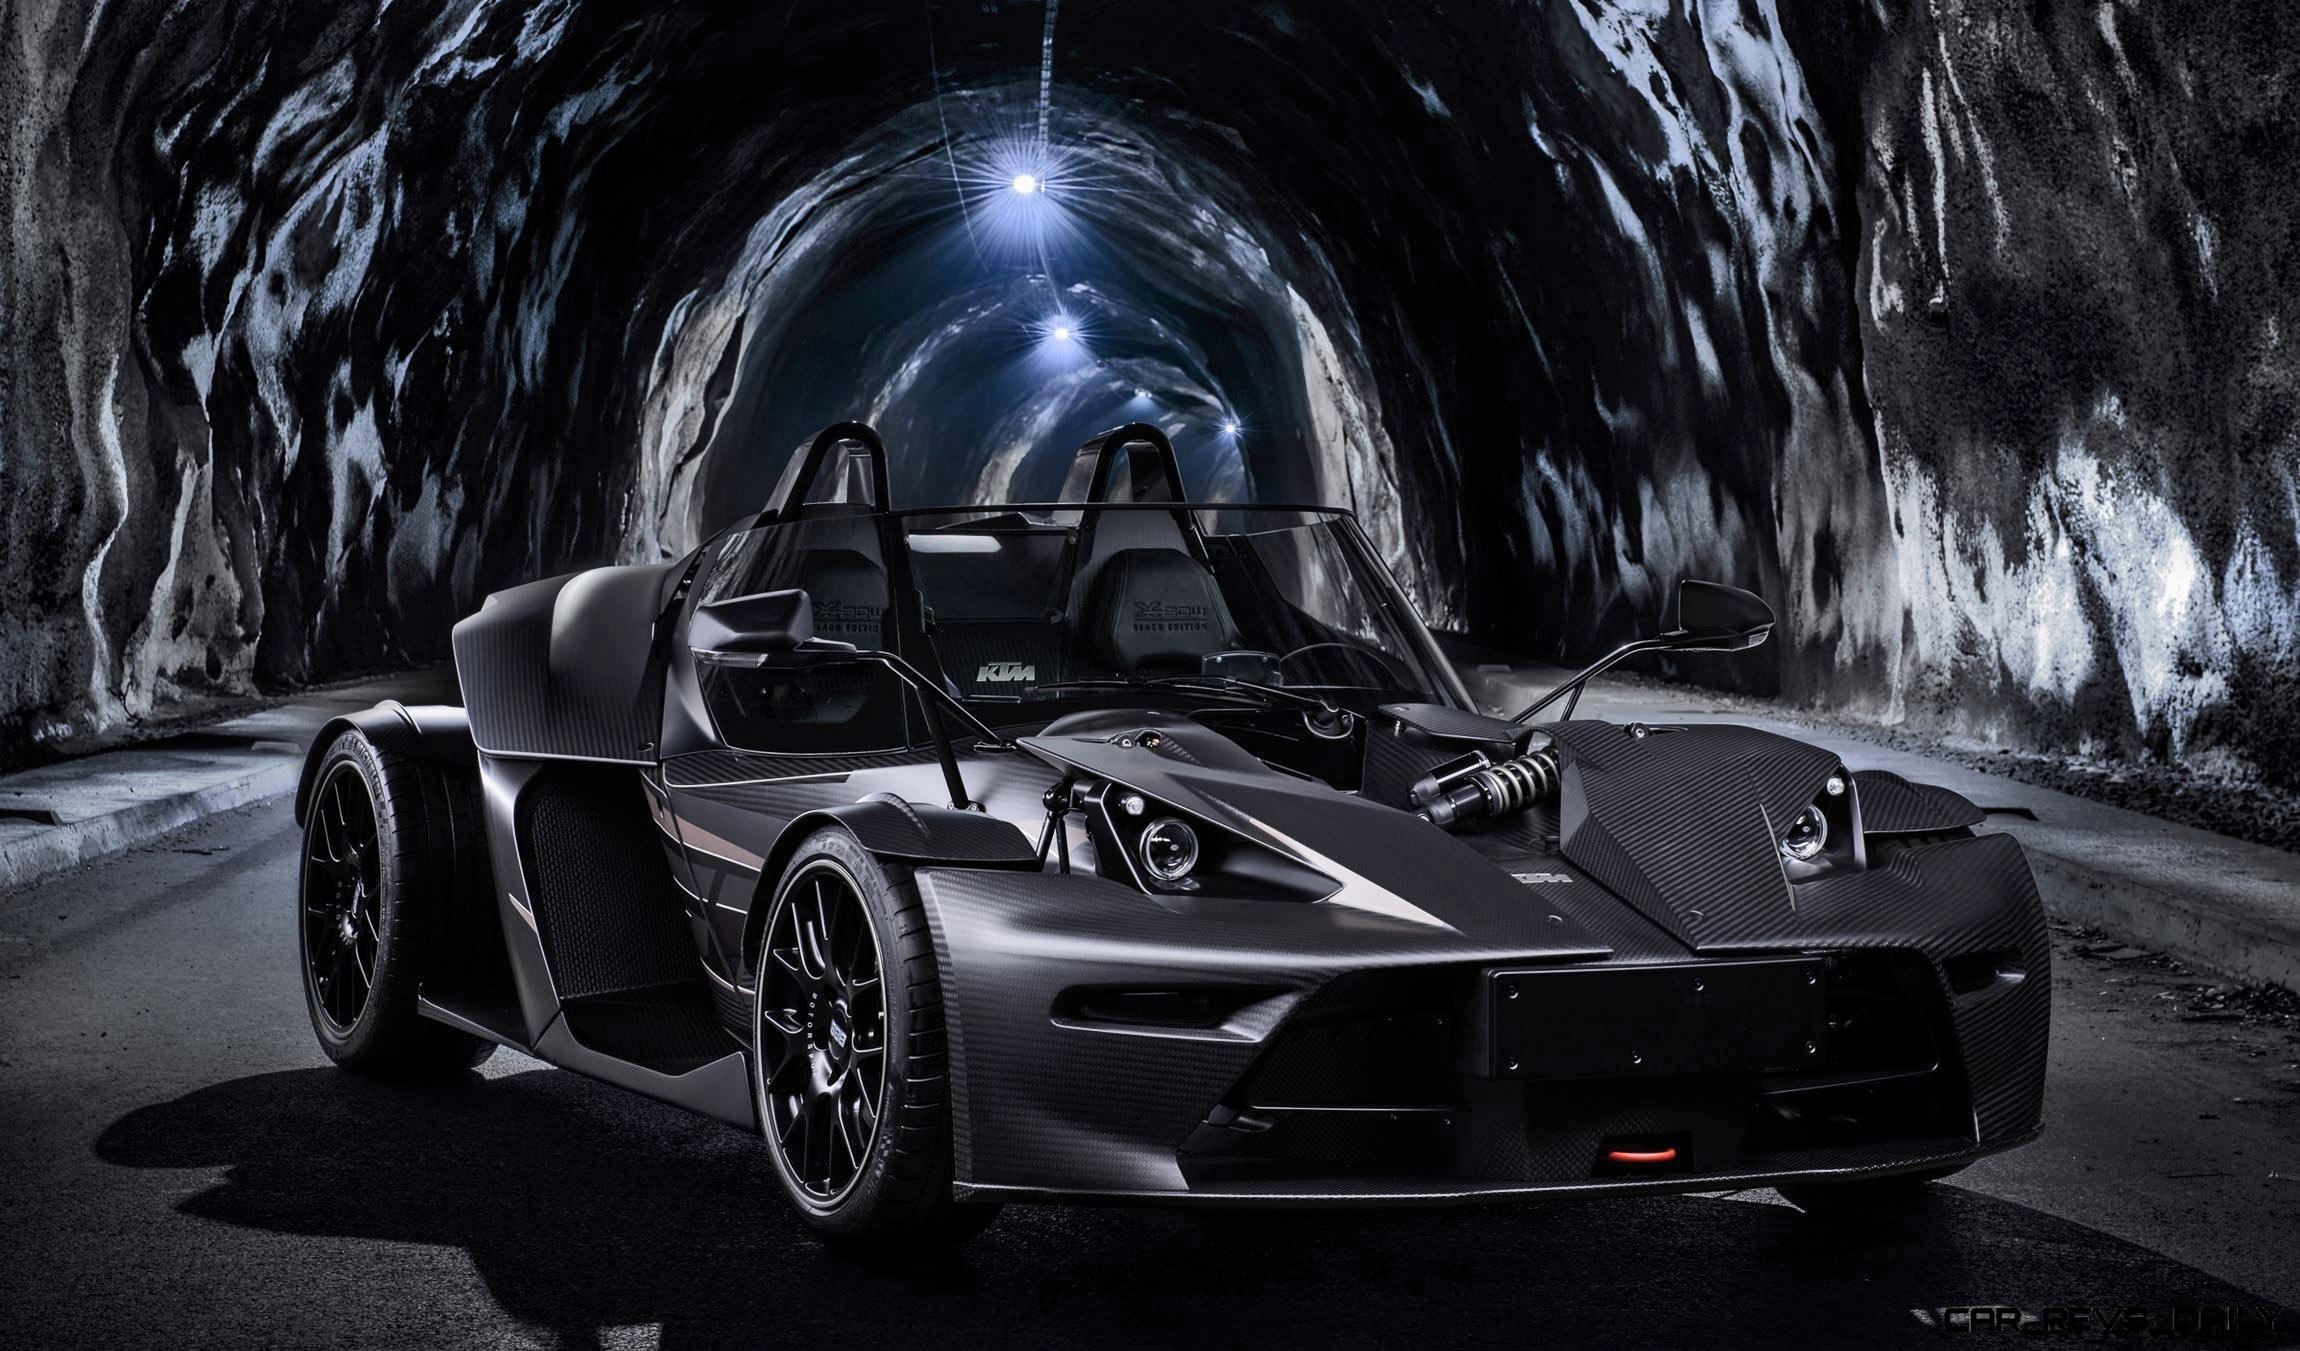 2016 KTM X-Bow GT Black Carbon